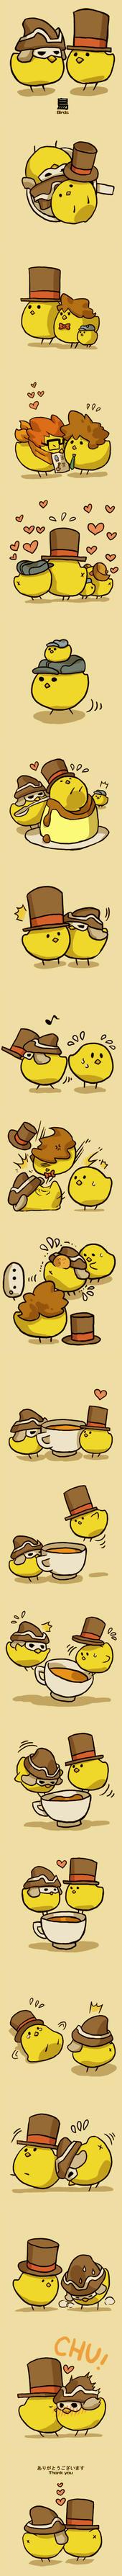 Birds by khrssc